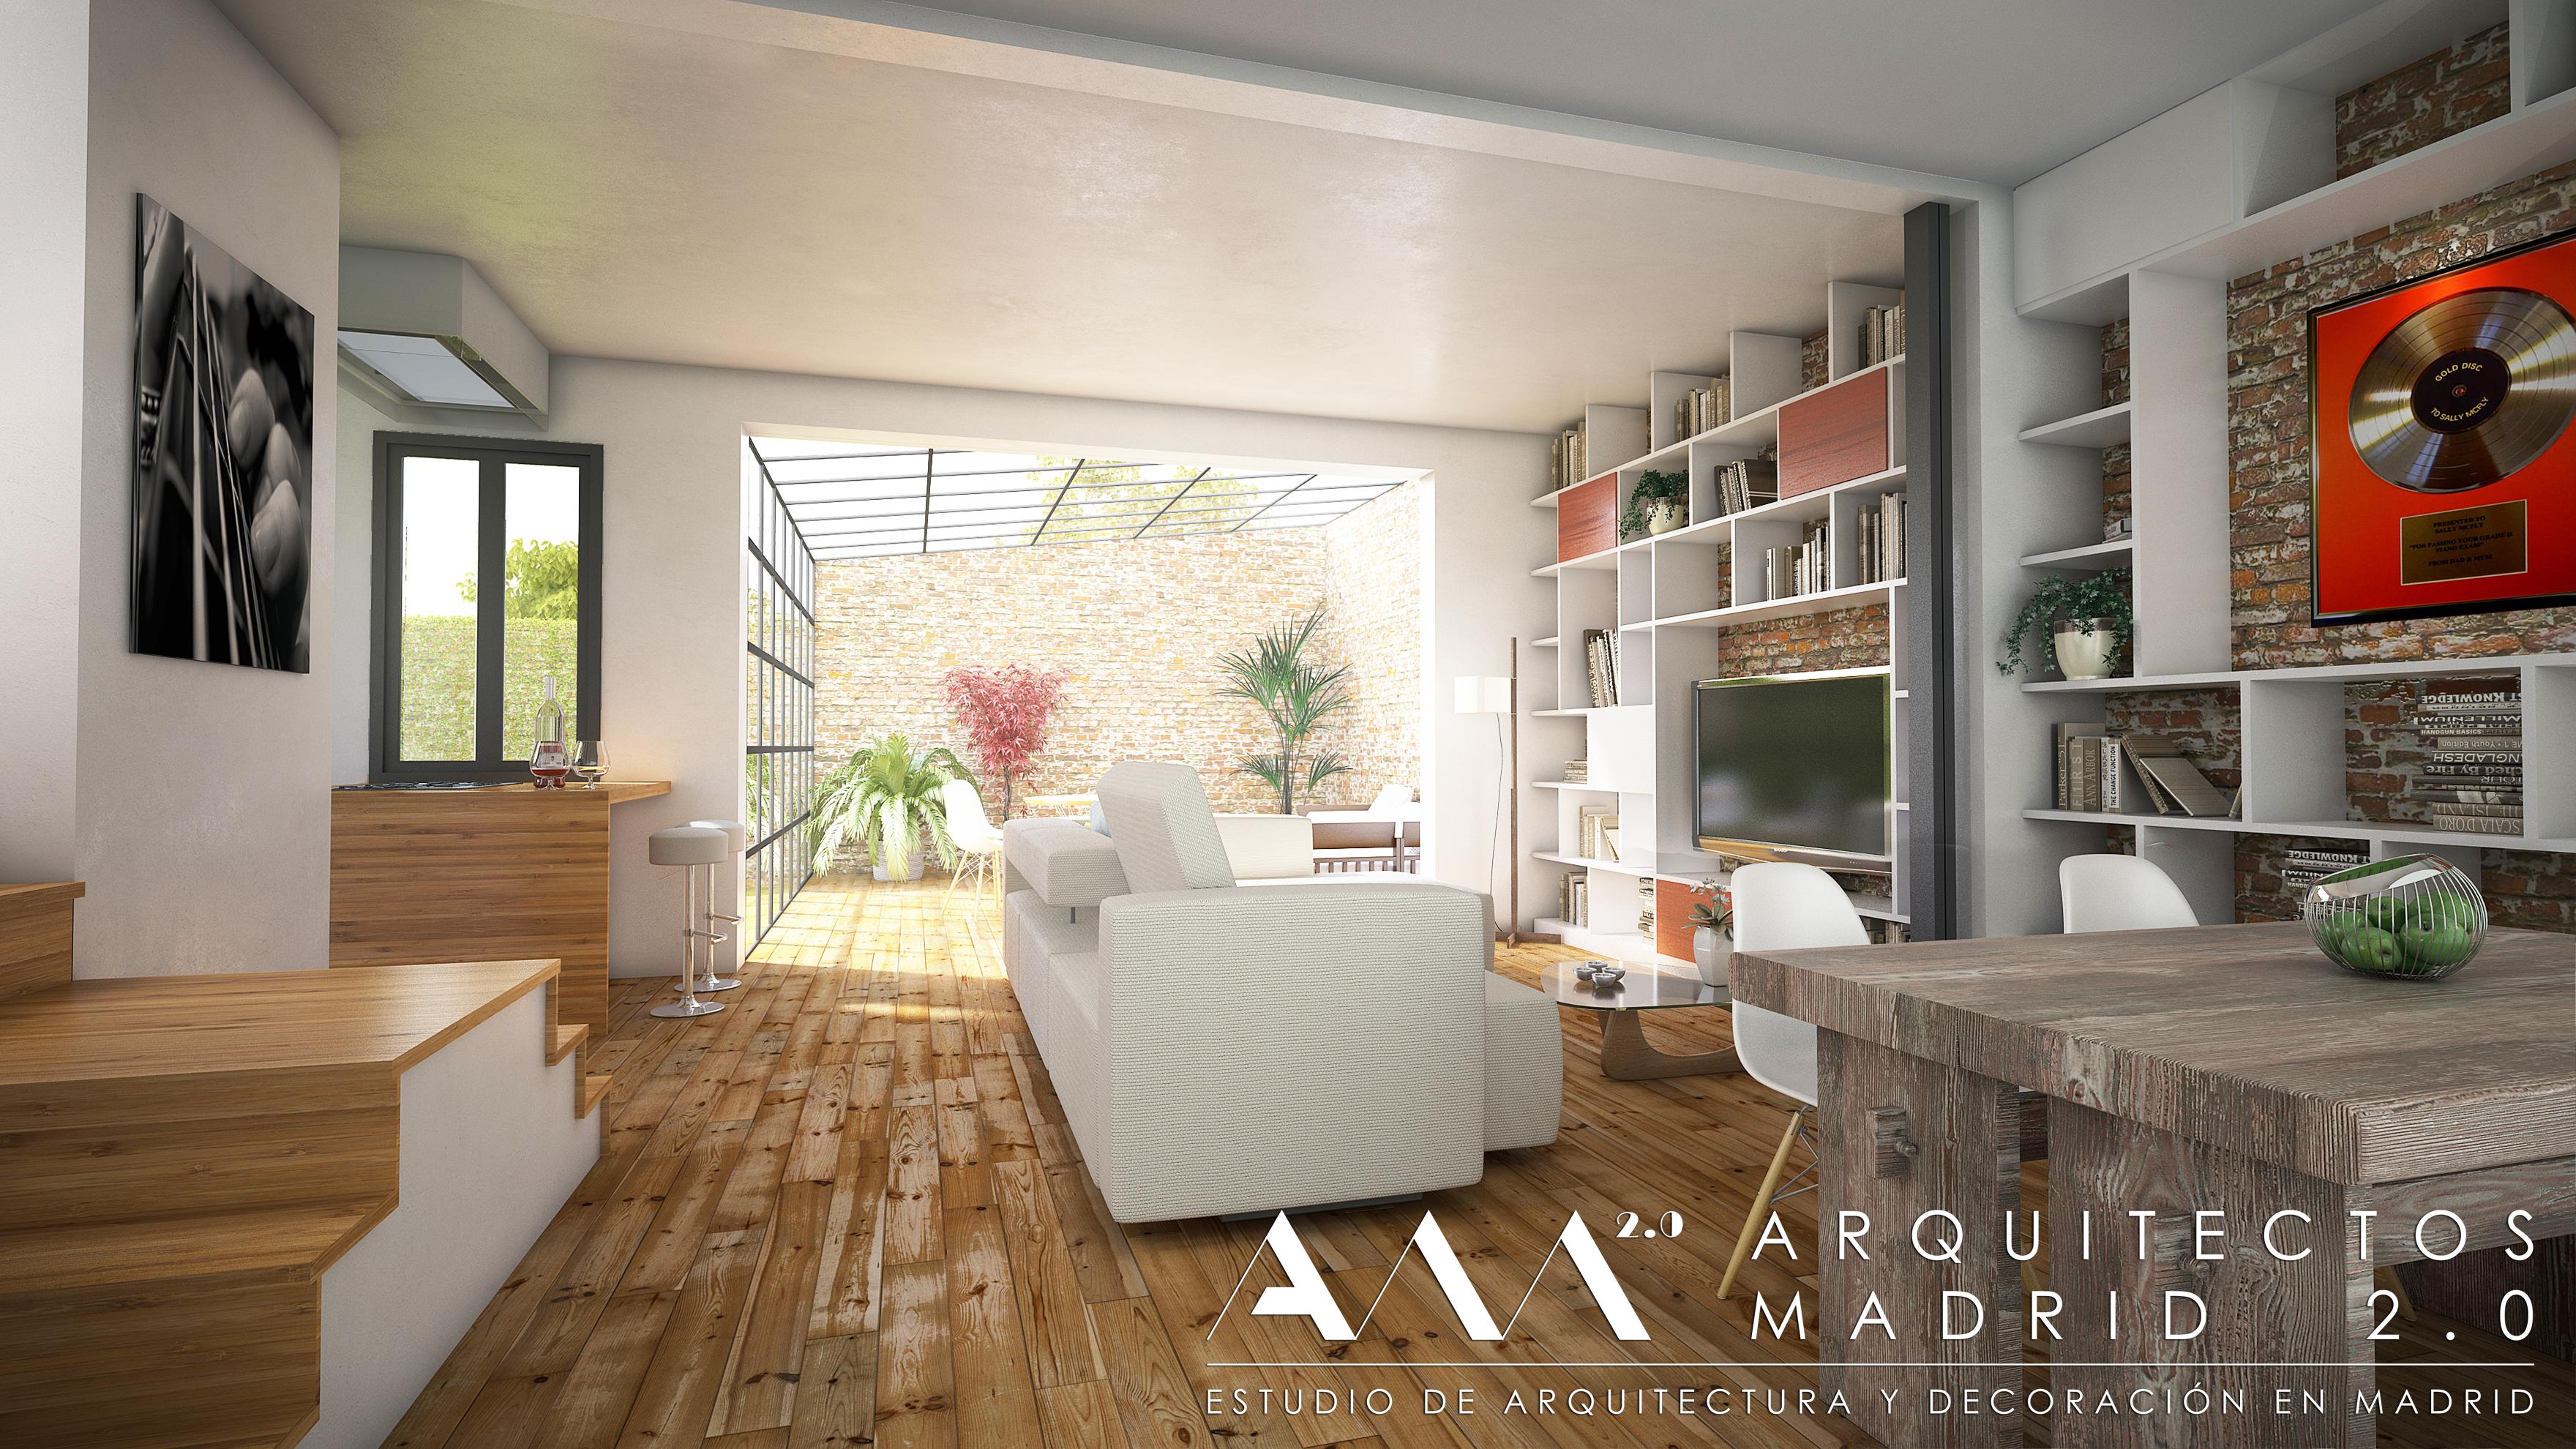 Arquitectos de interiores madrid trendy clnica gmez bravo ivn cotado diseo de interiores hctor - Arquitecto de interiores madrid ...